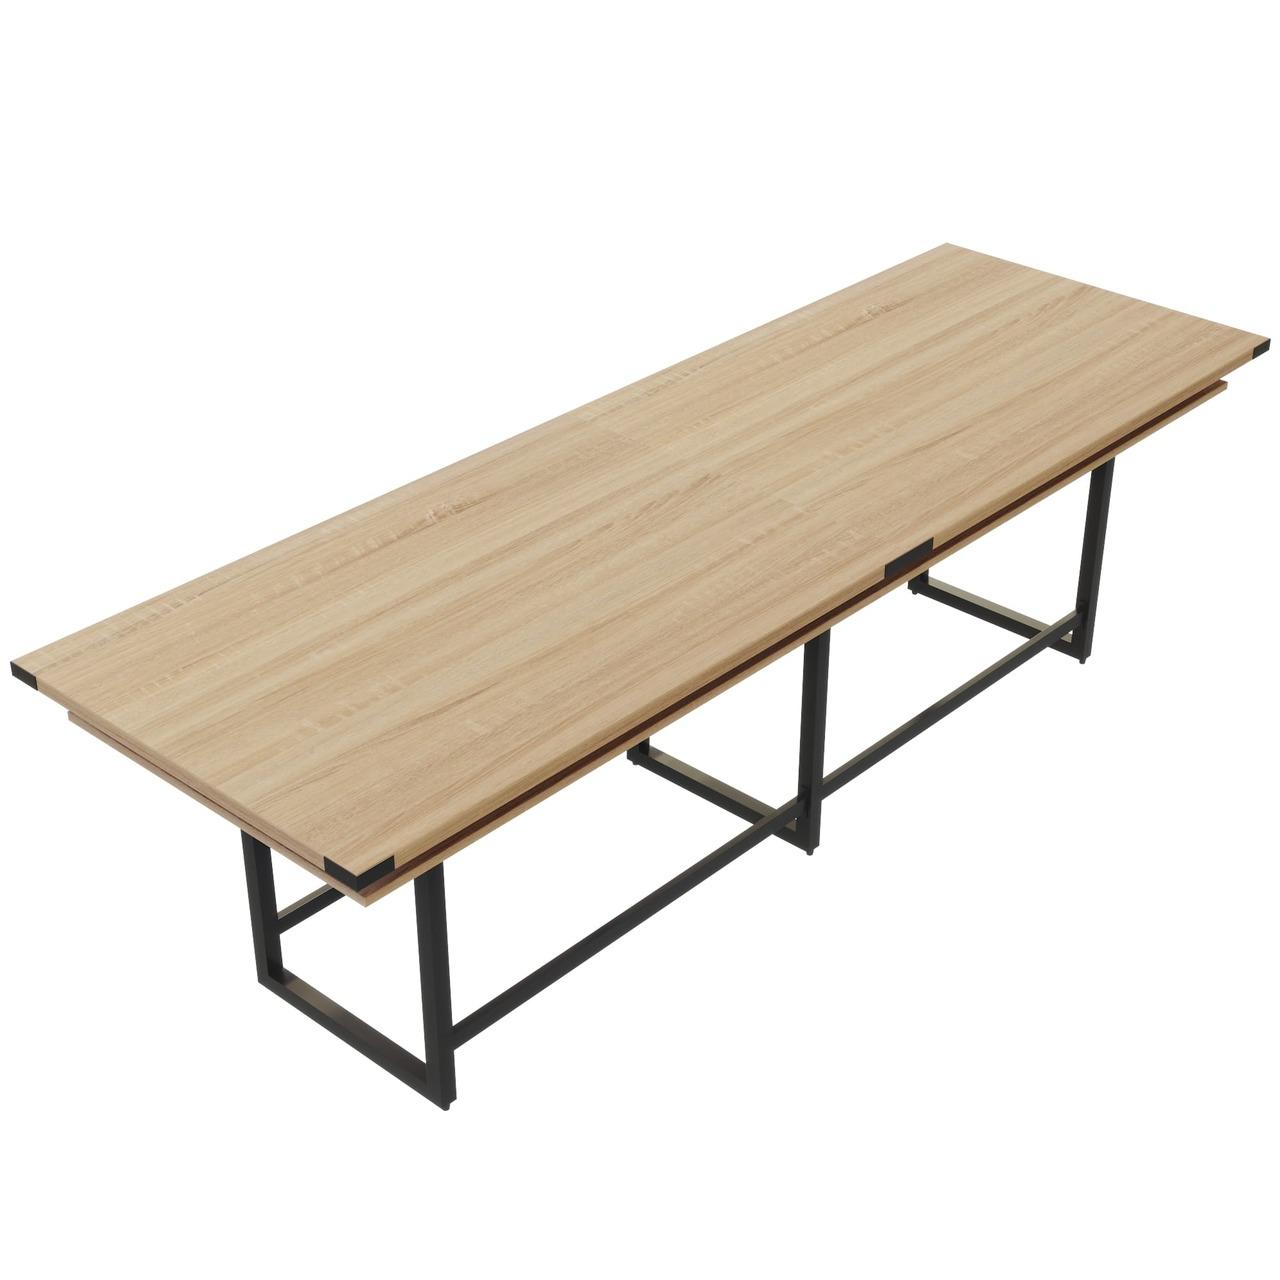 mirella 12' conference table MRH12